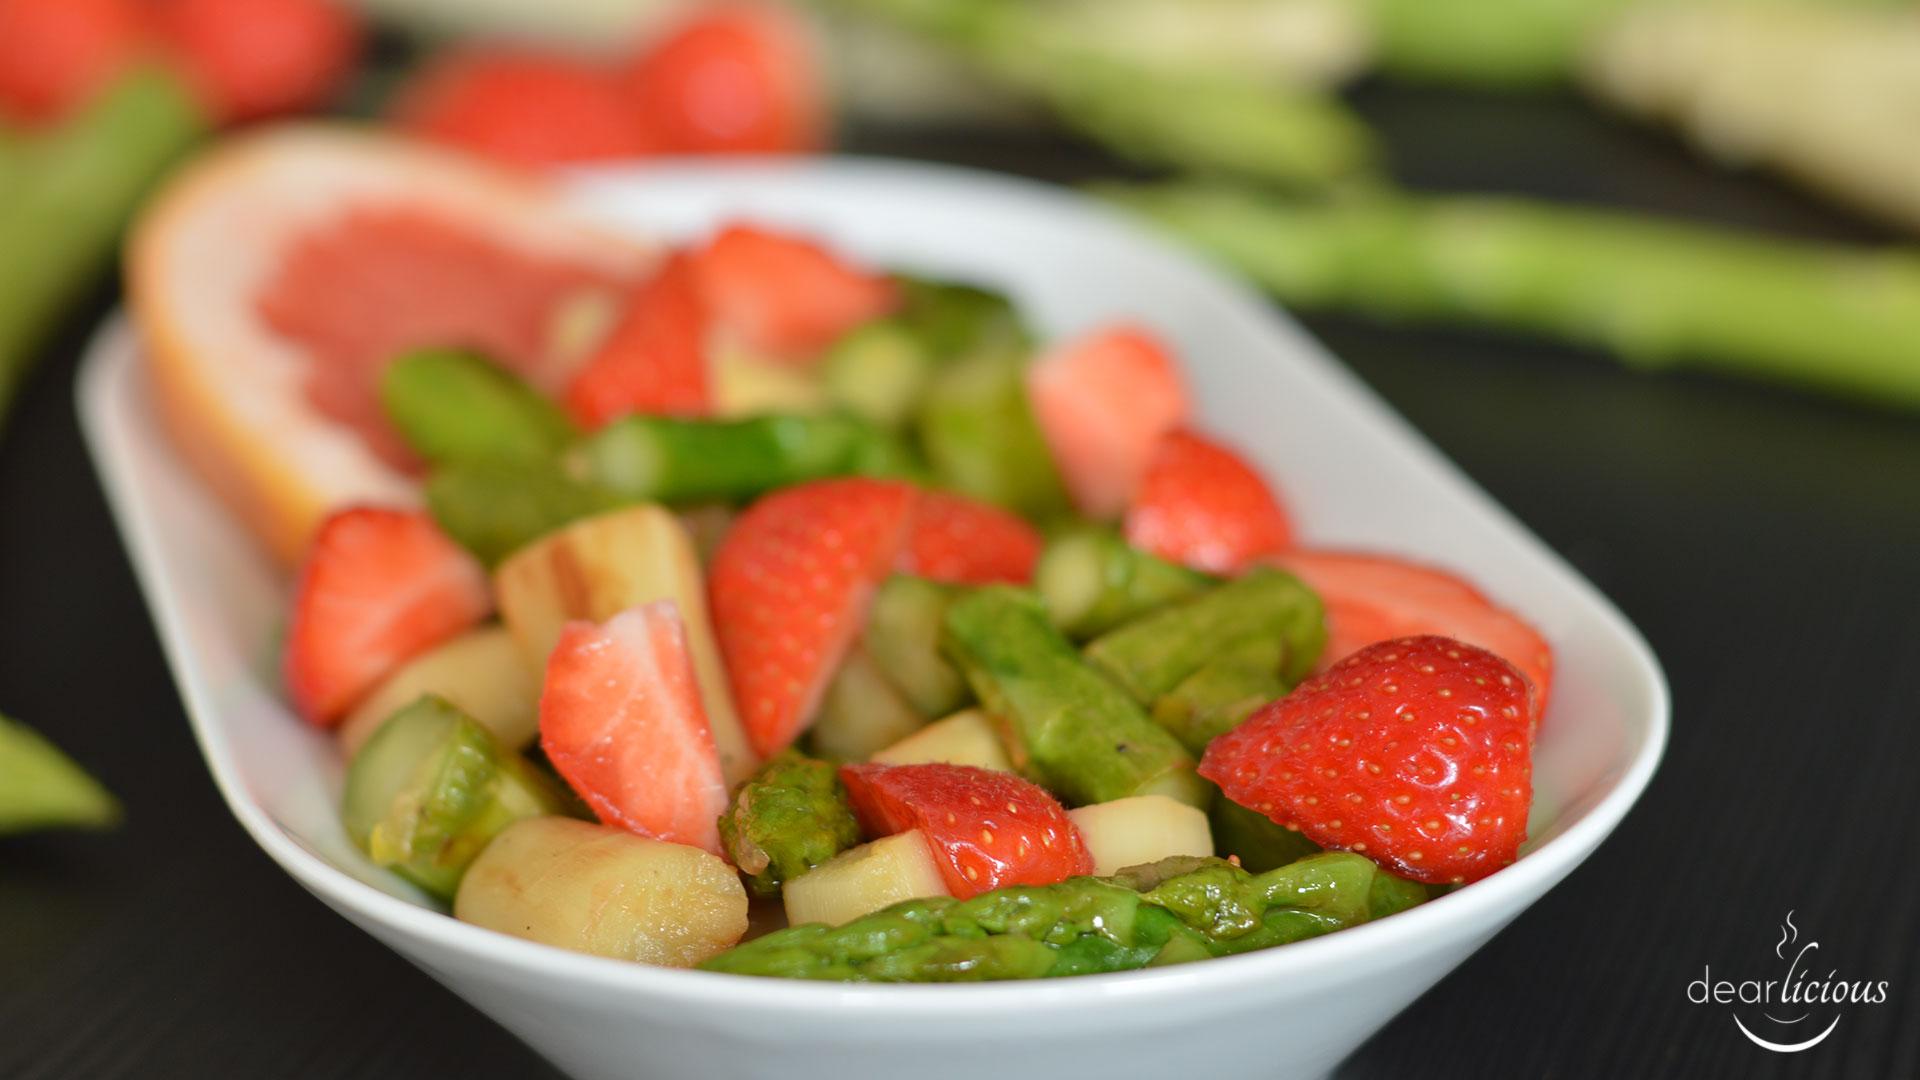 Rezept für Spargelsalat mit Erdbeeren undGrapefruit-Dressing | www.dearlicious.com